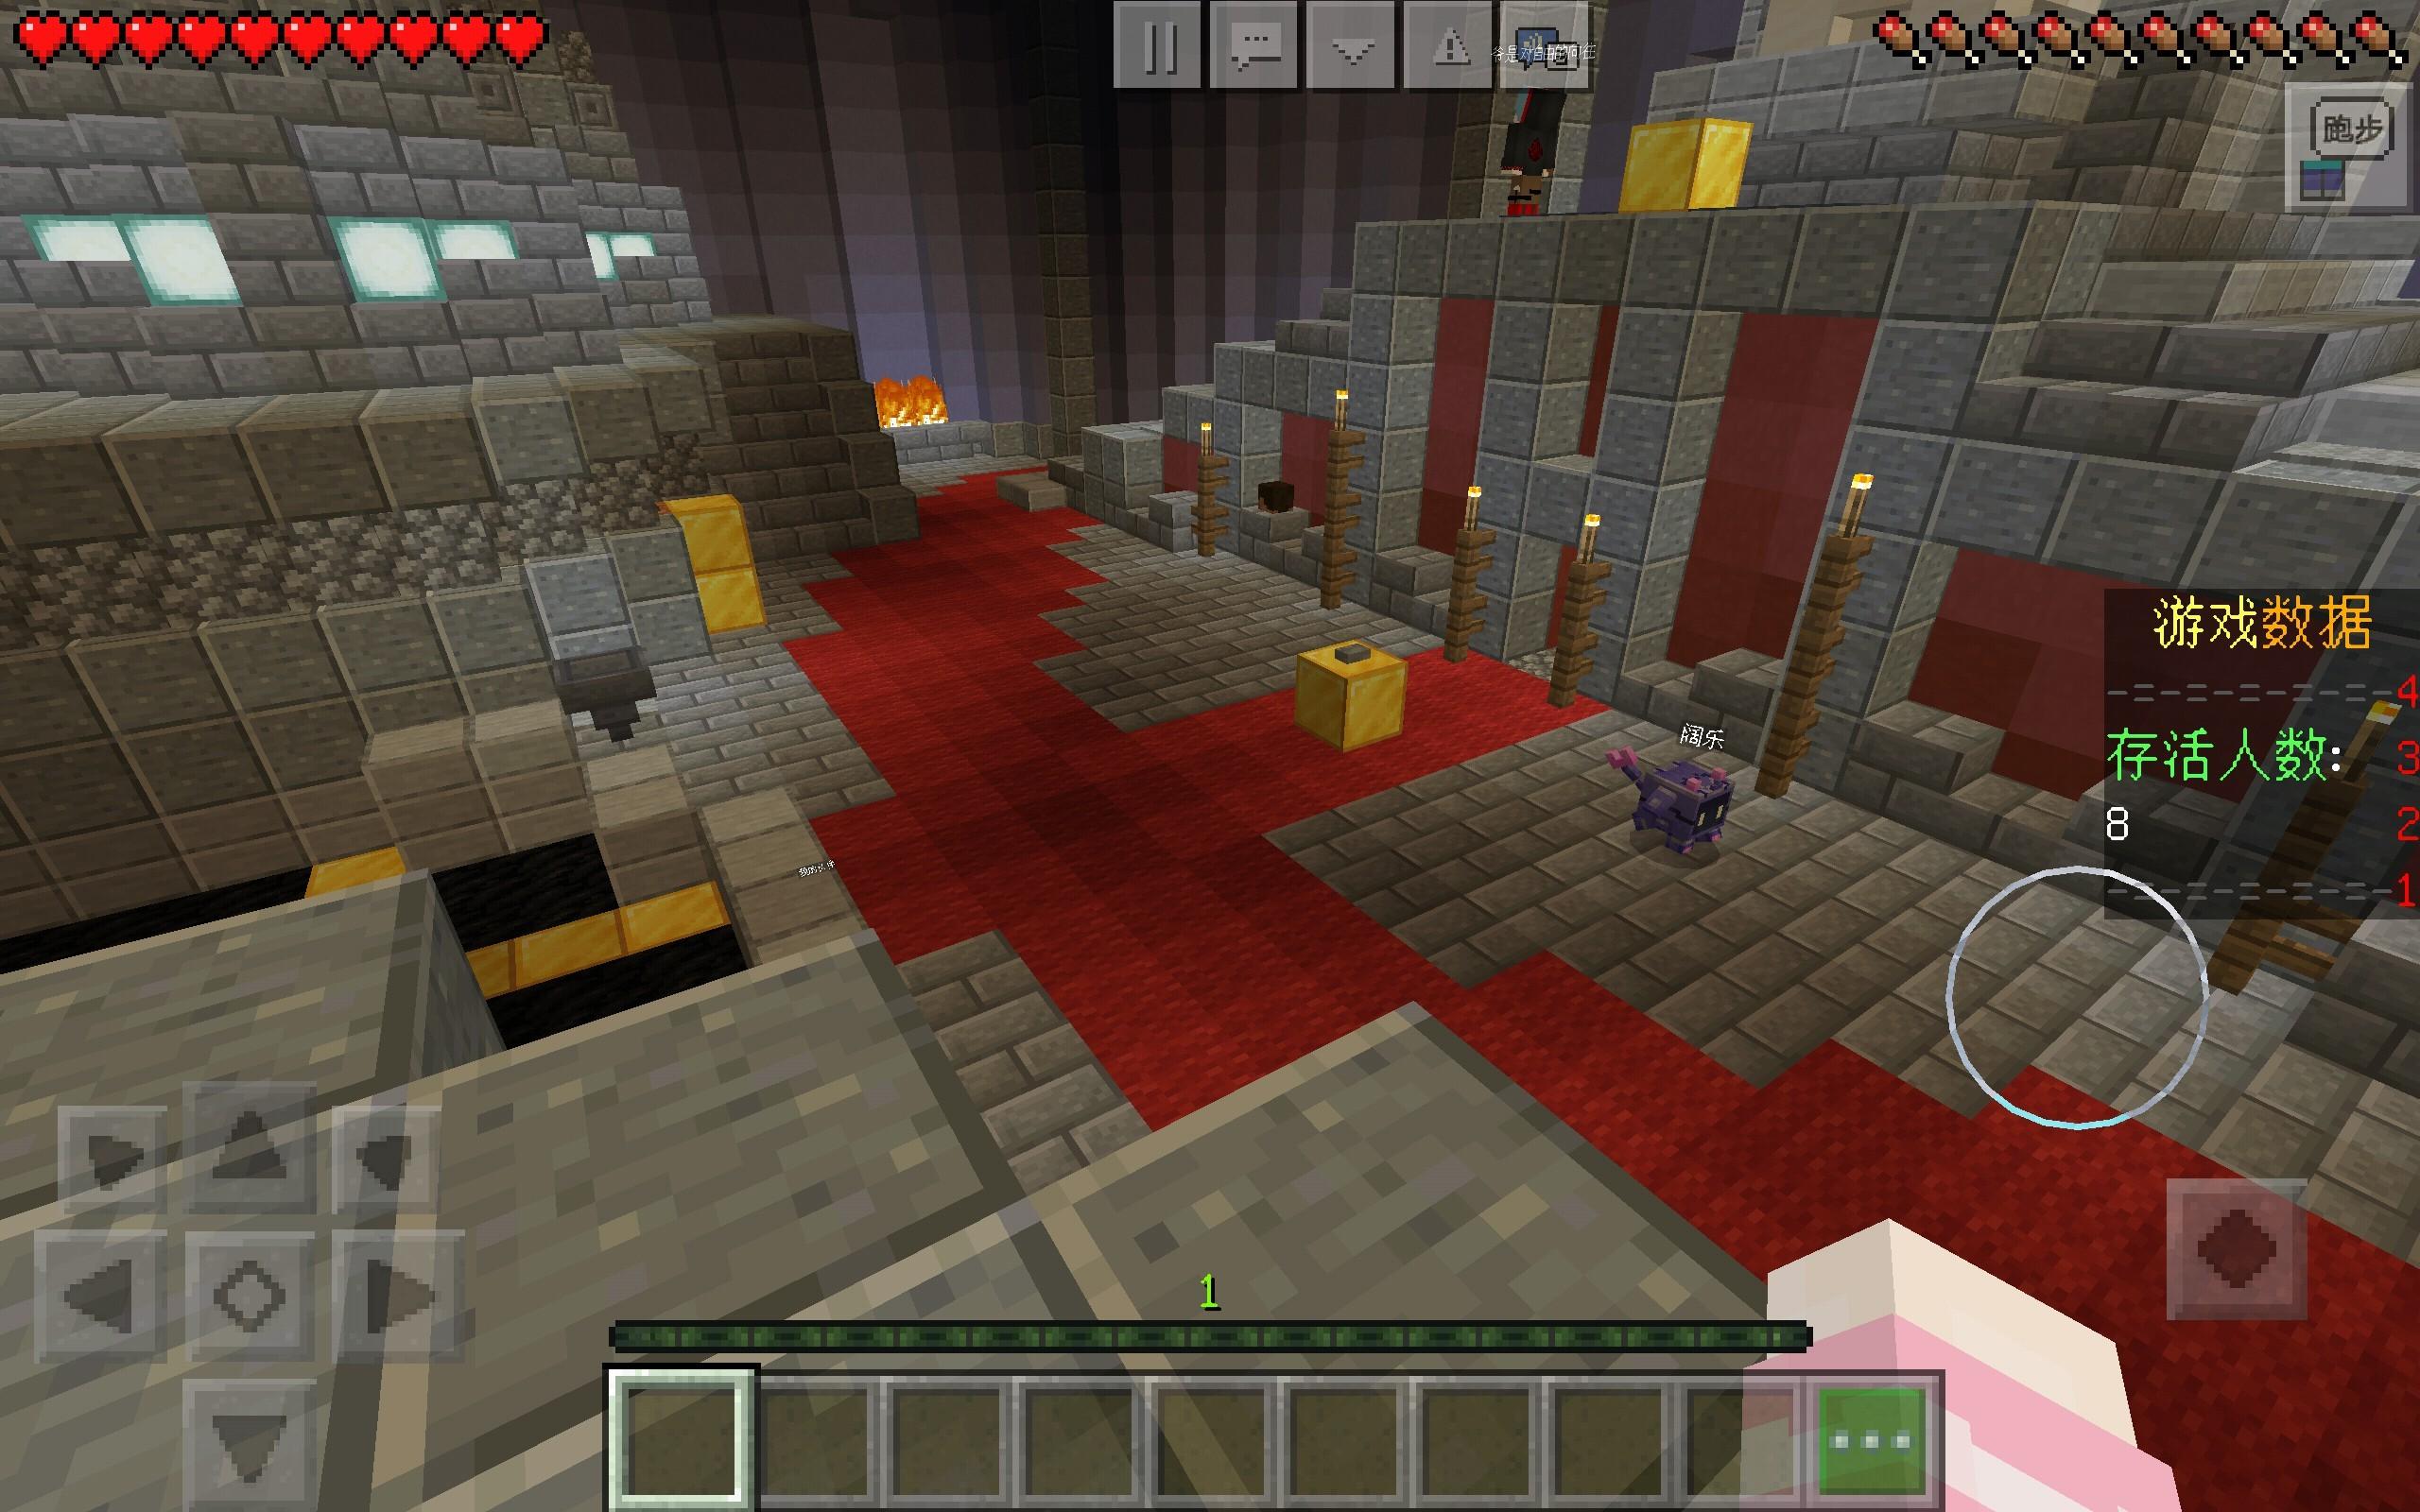 screenshot_1612581342.jpg